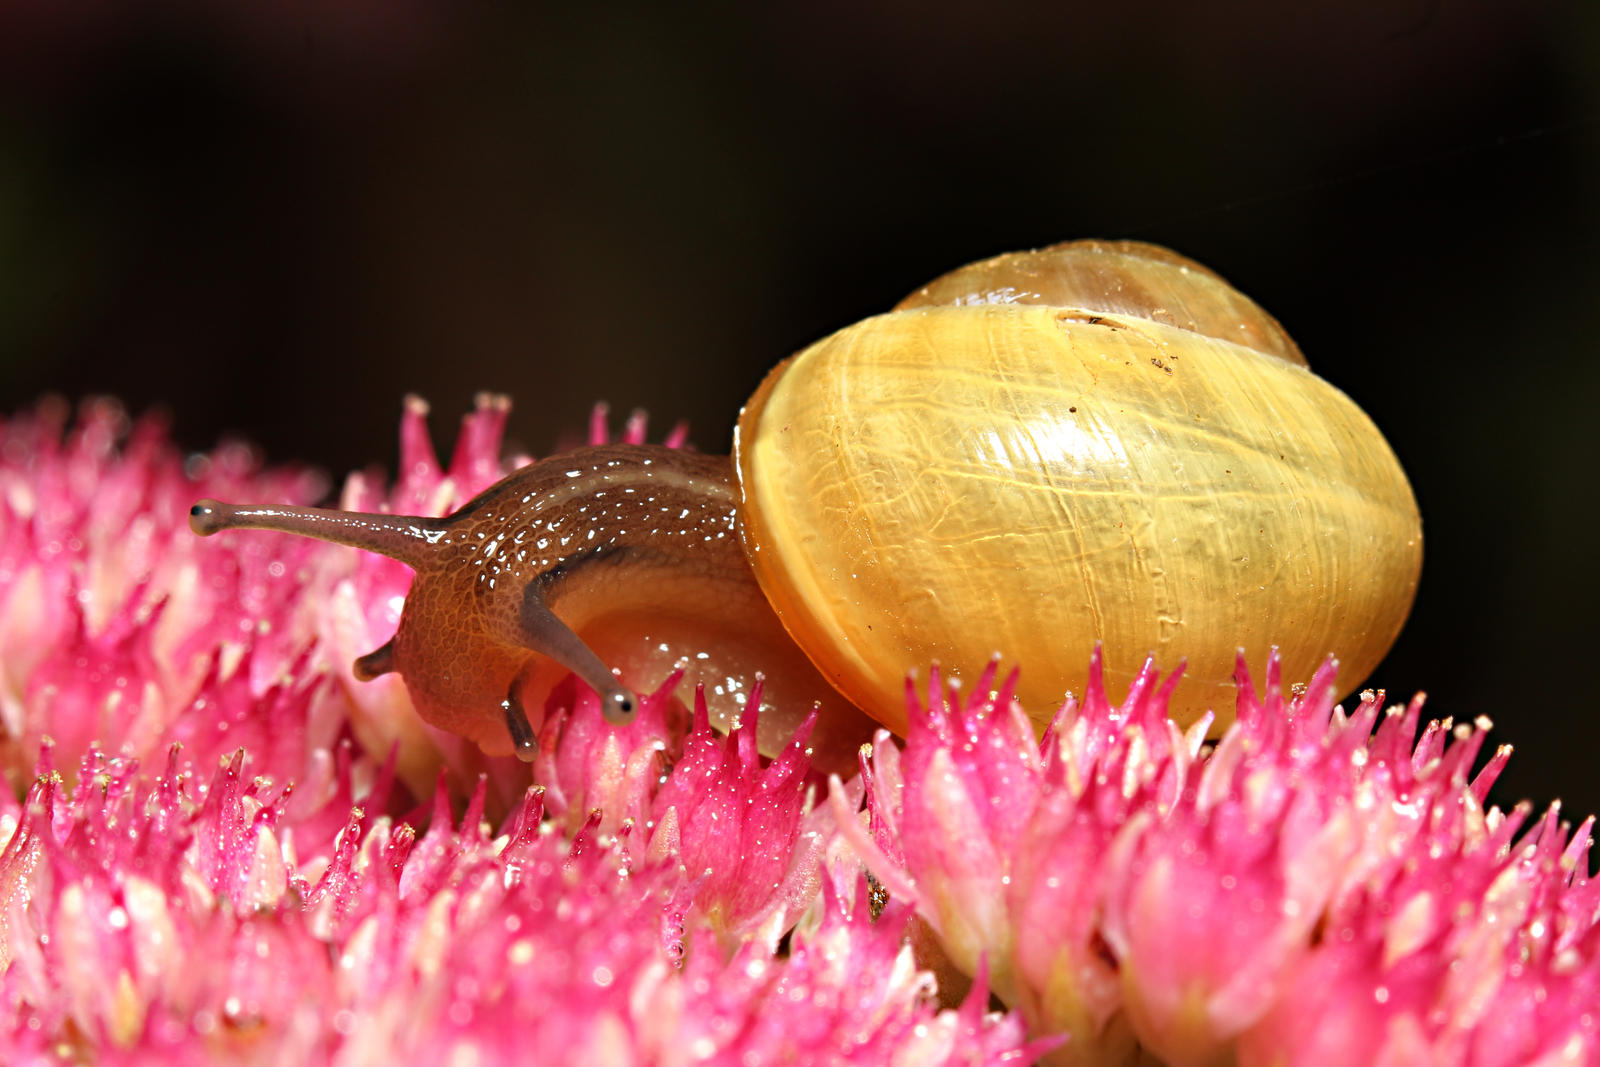 Snail in the Garden by s-kmp